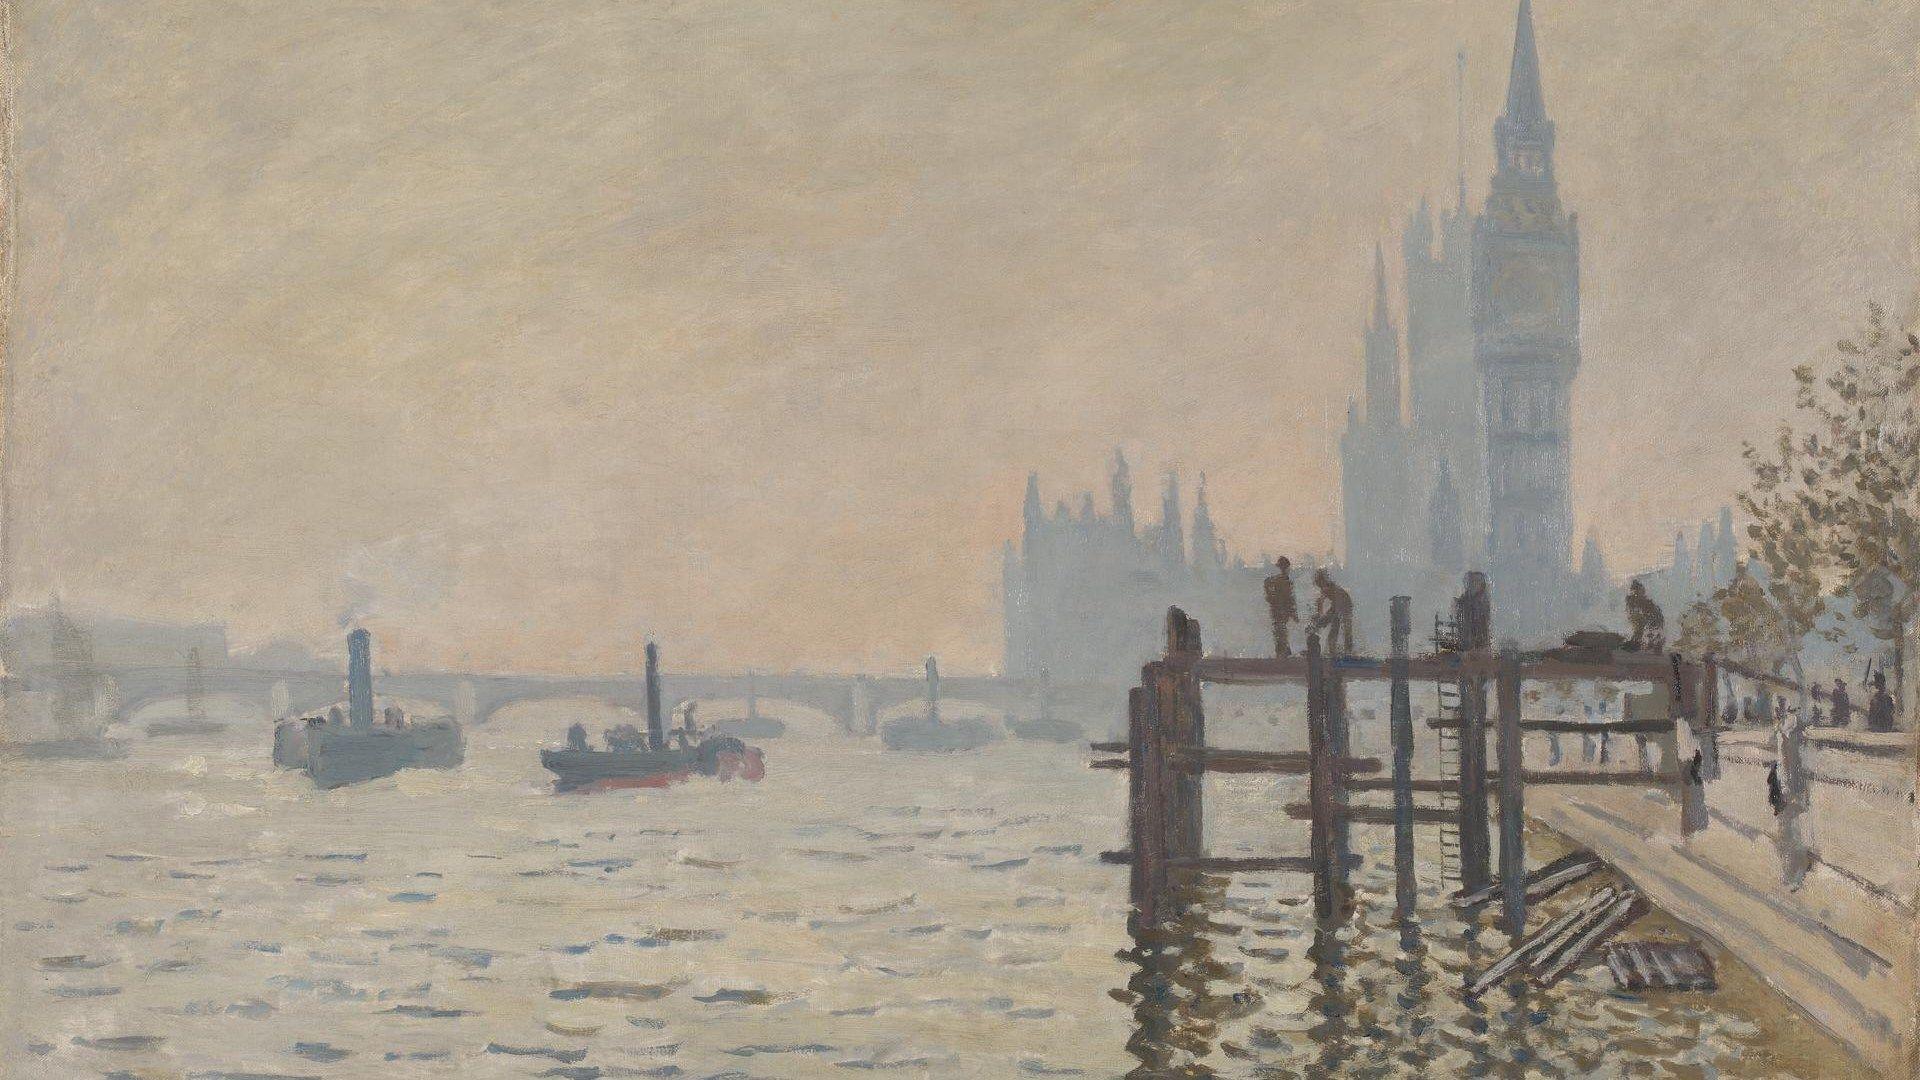 Impressionism hd image